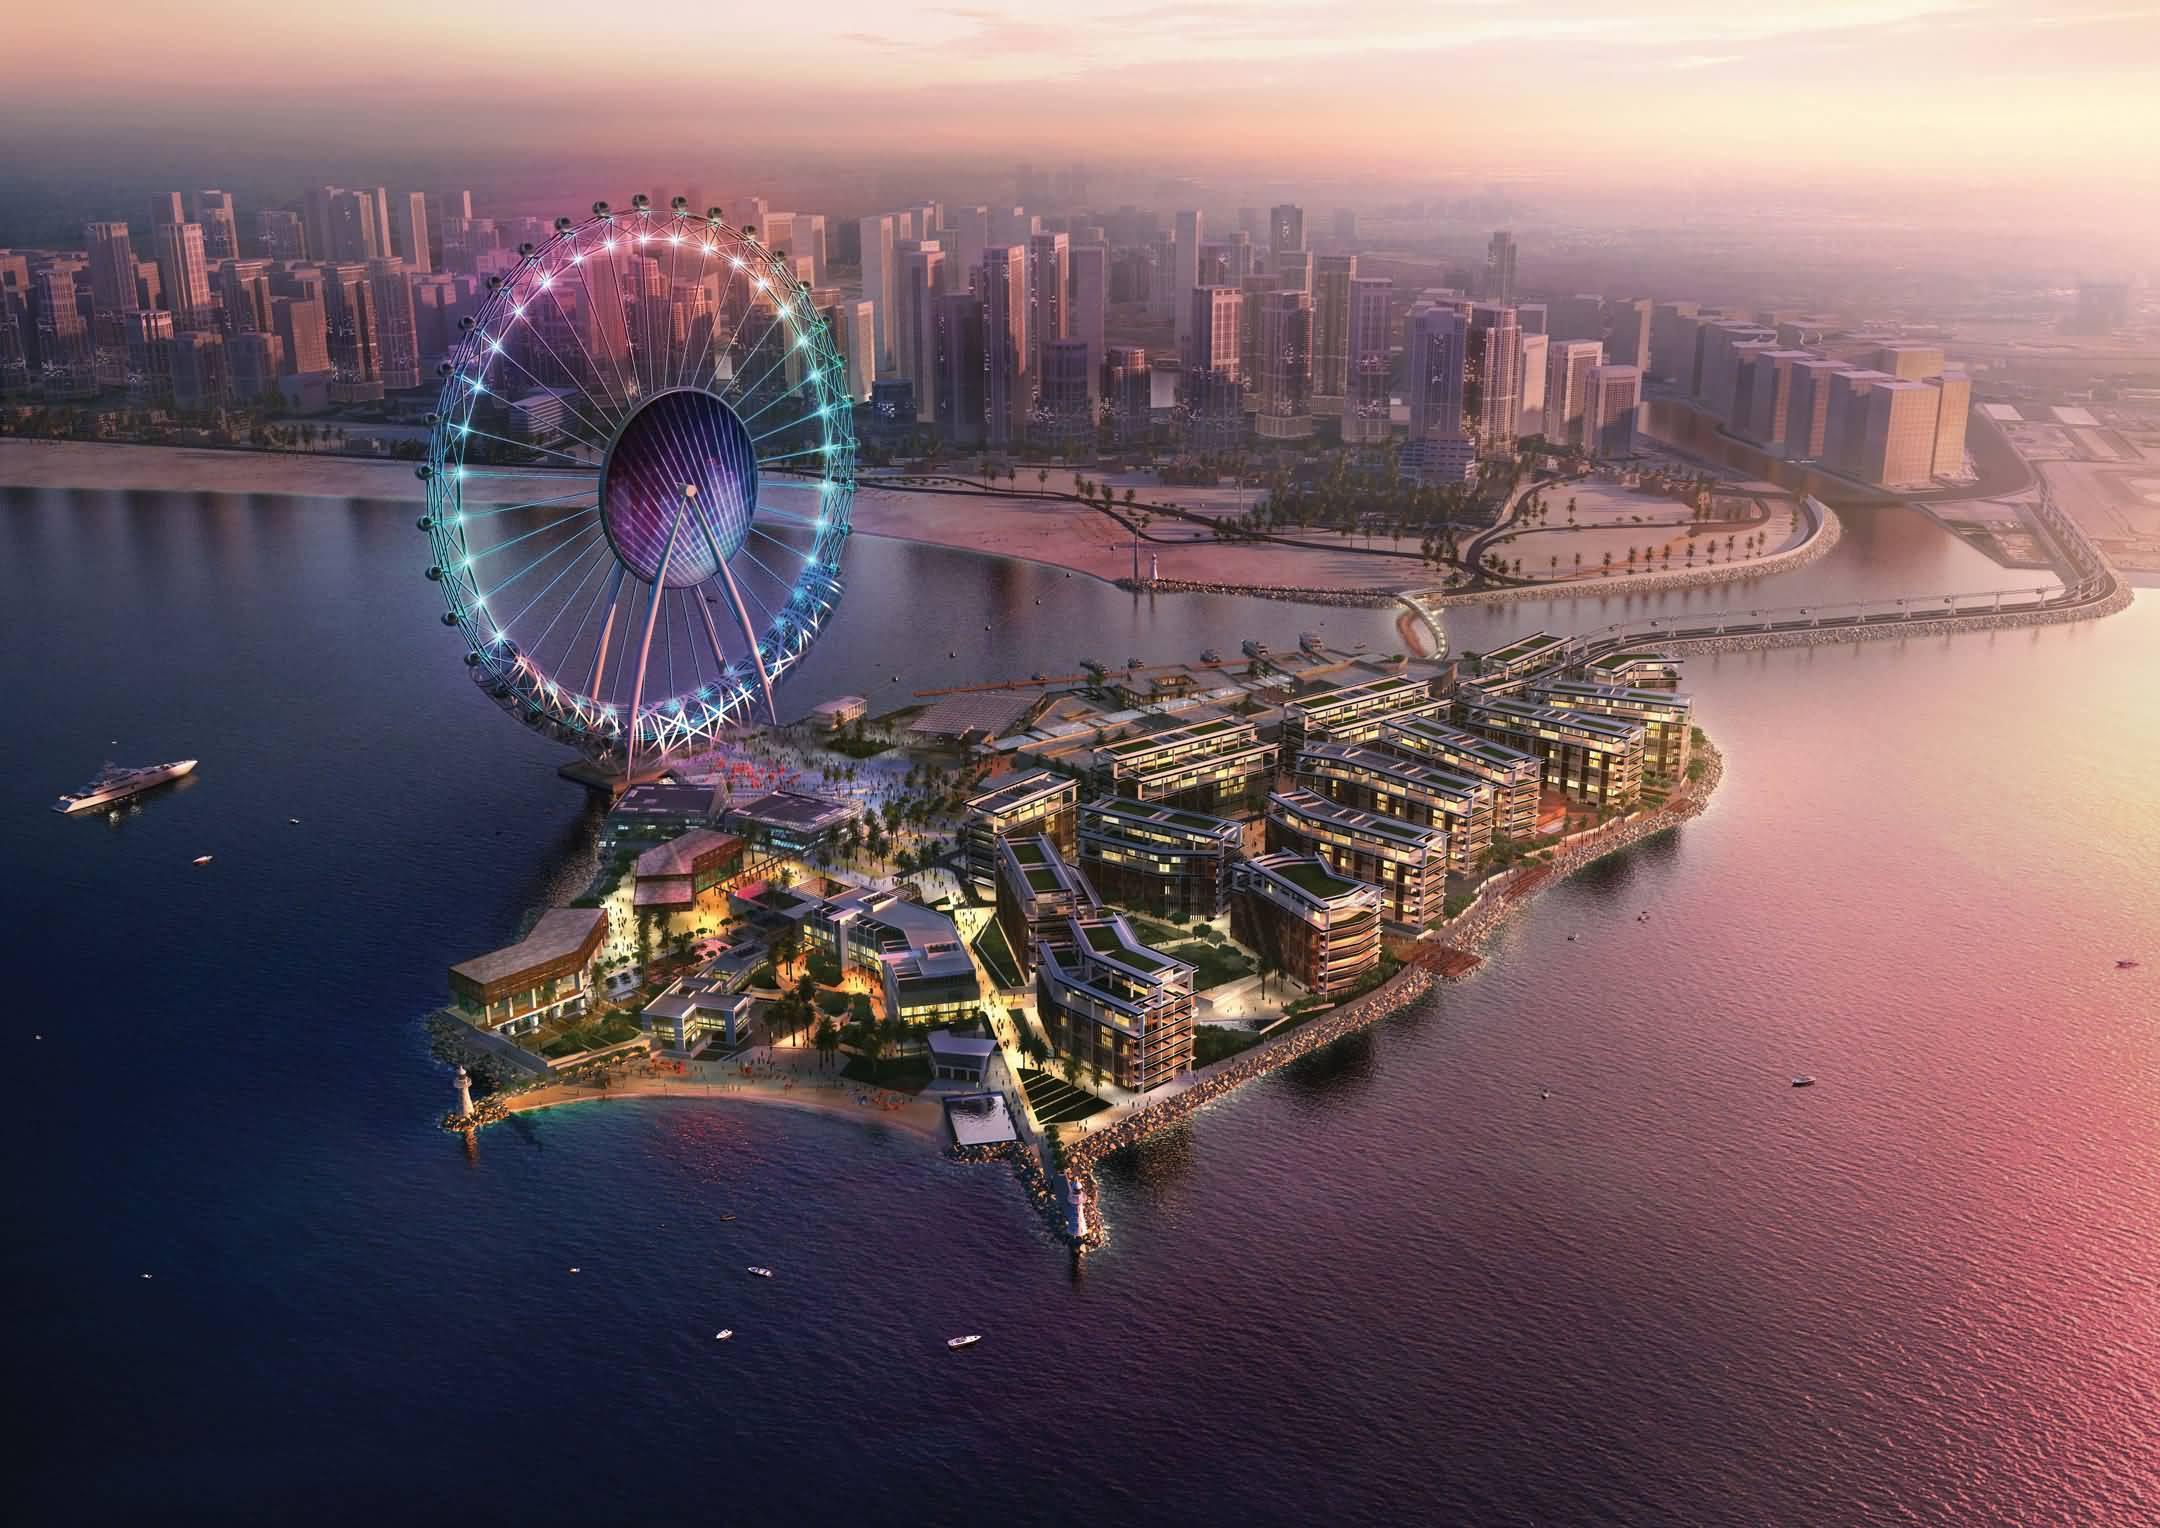 جزيرة بلوواترز ومشروع DUBAI EYE الوجهة السياحية الأكبر من نوعها في العالم